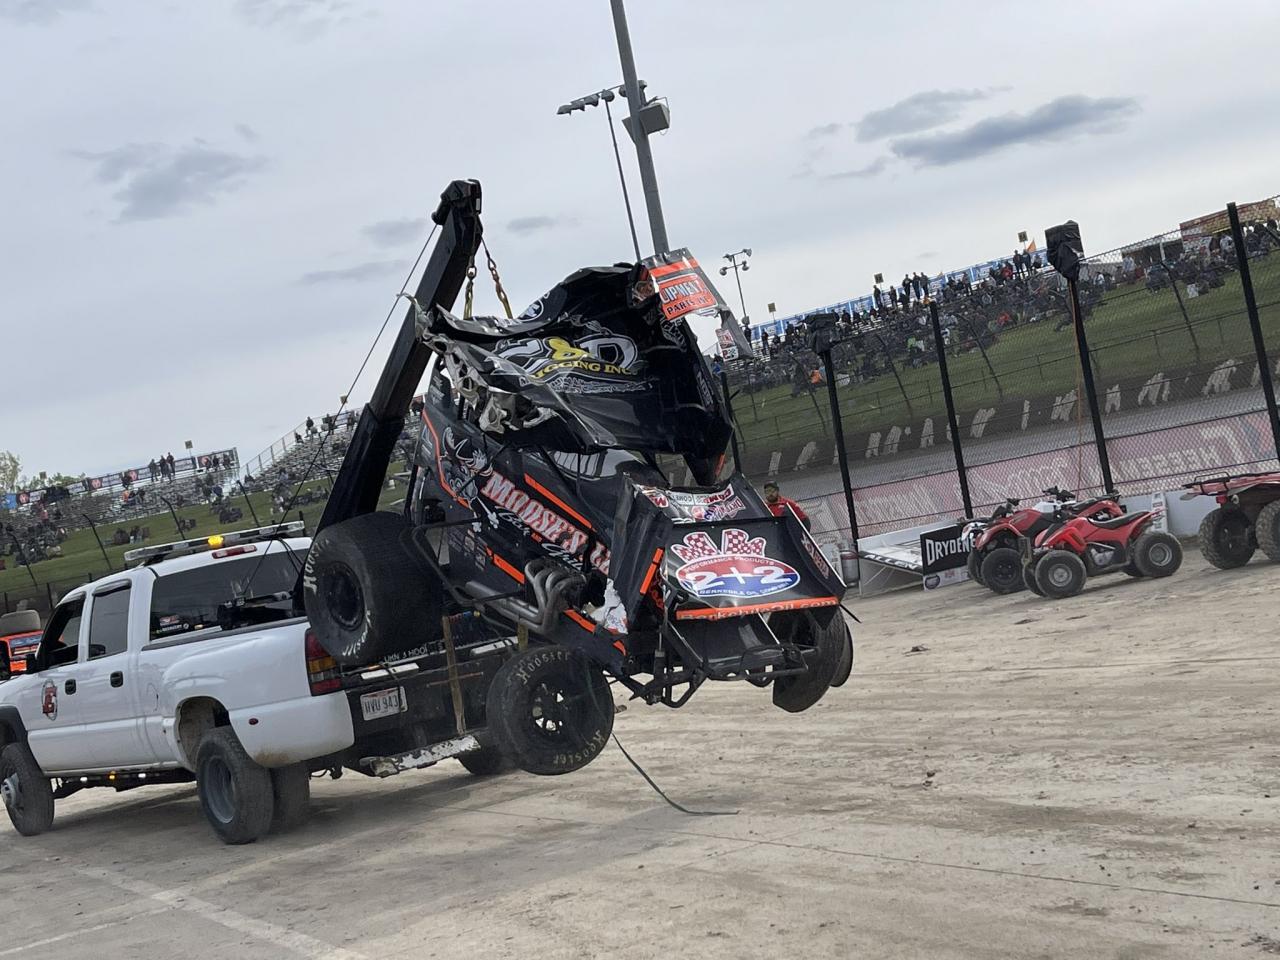 Brock Zearfoss crash - World of Outlaws Sprint Cars - Eldora Speedway